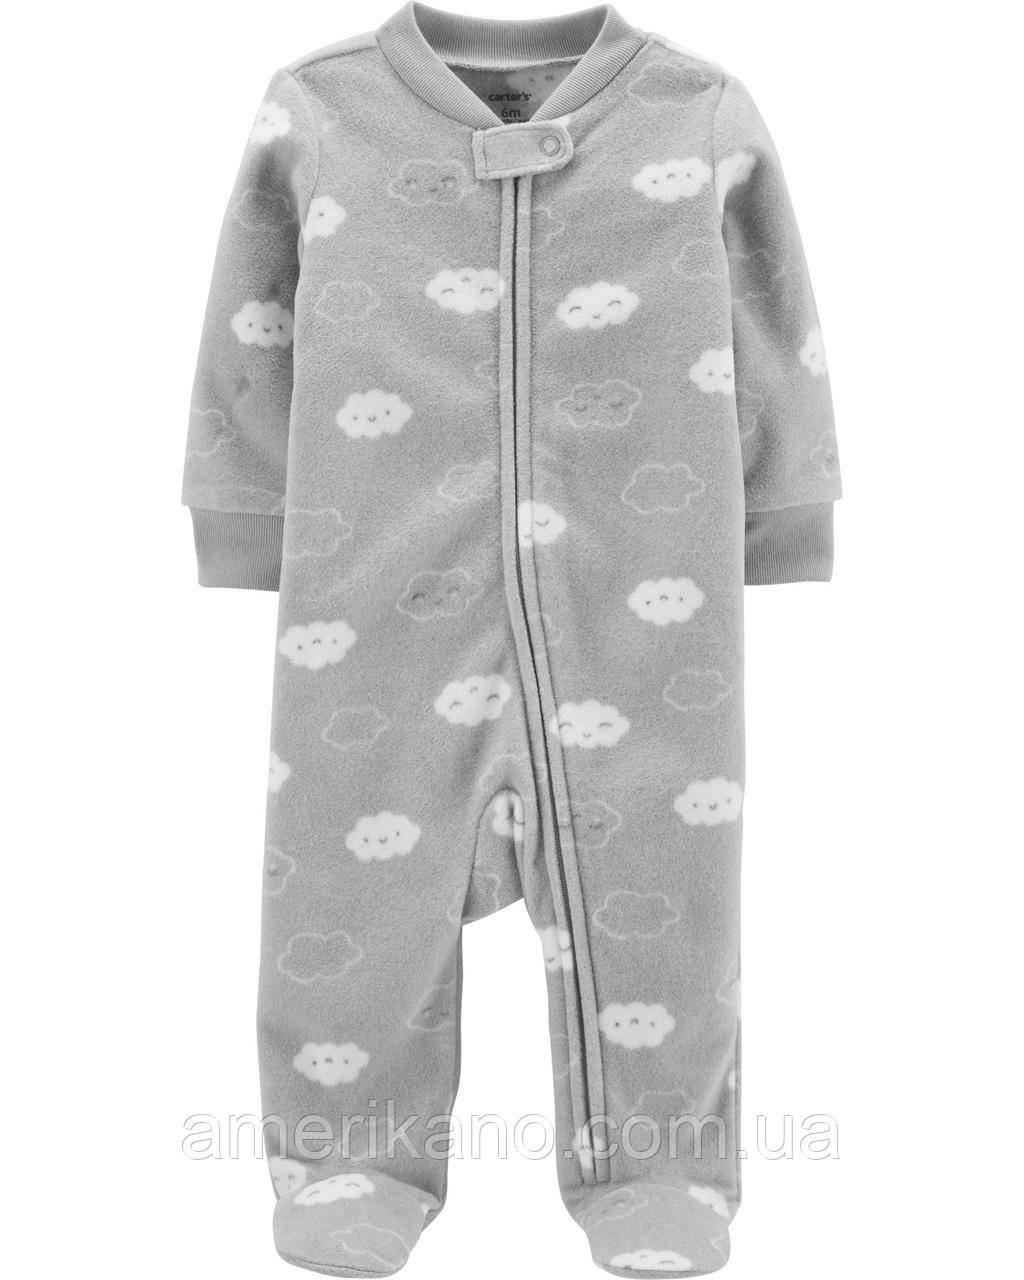 Флисовый человечек поддева Carter´s Sleep & Play Пижама 9М